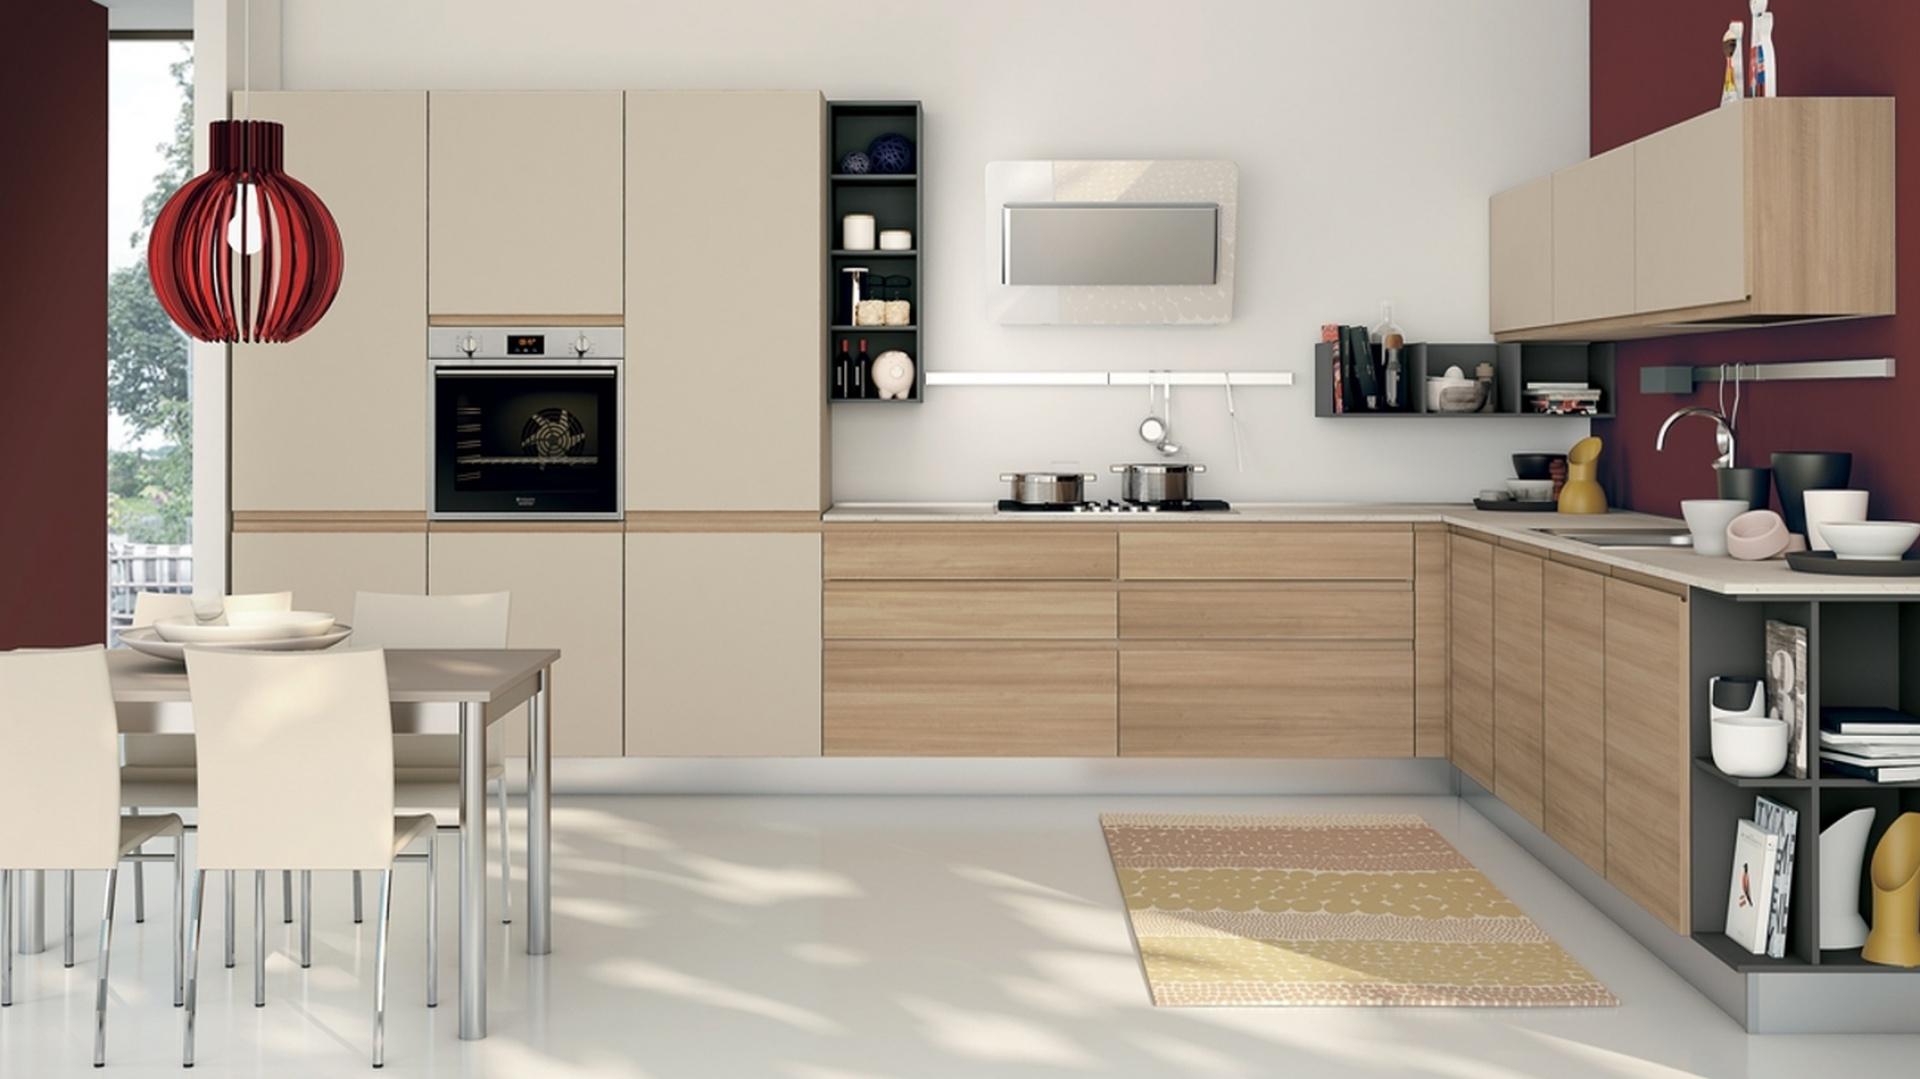 Matowe, eleganckie fronty w 15 sposobów na kuchnię w kolorze kawy z mlek   -> Kuchnia W Kolorze Kawa Z Mlekiem